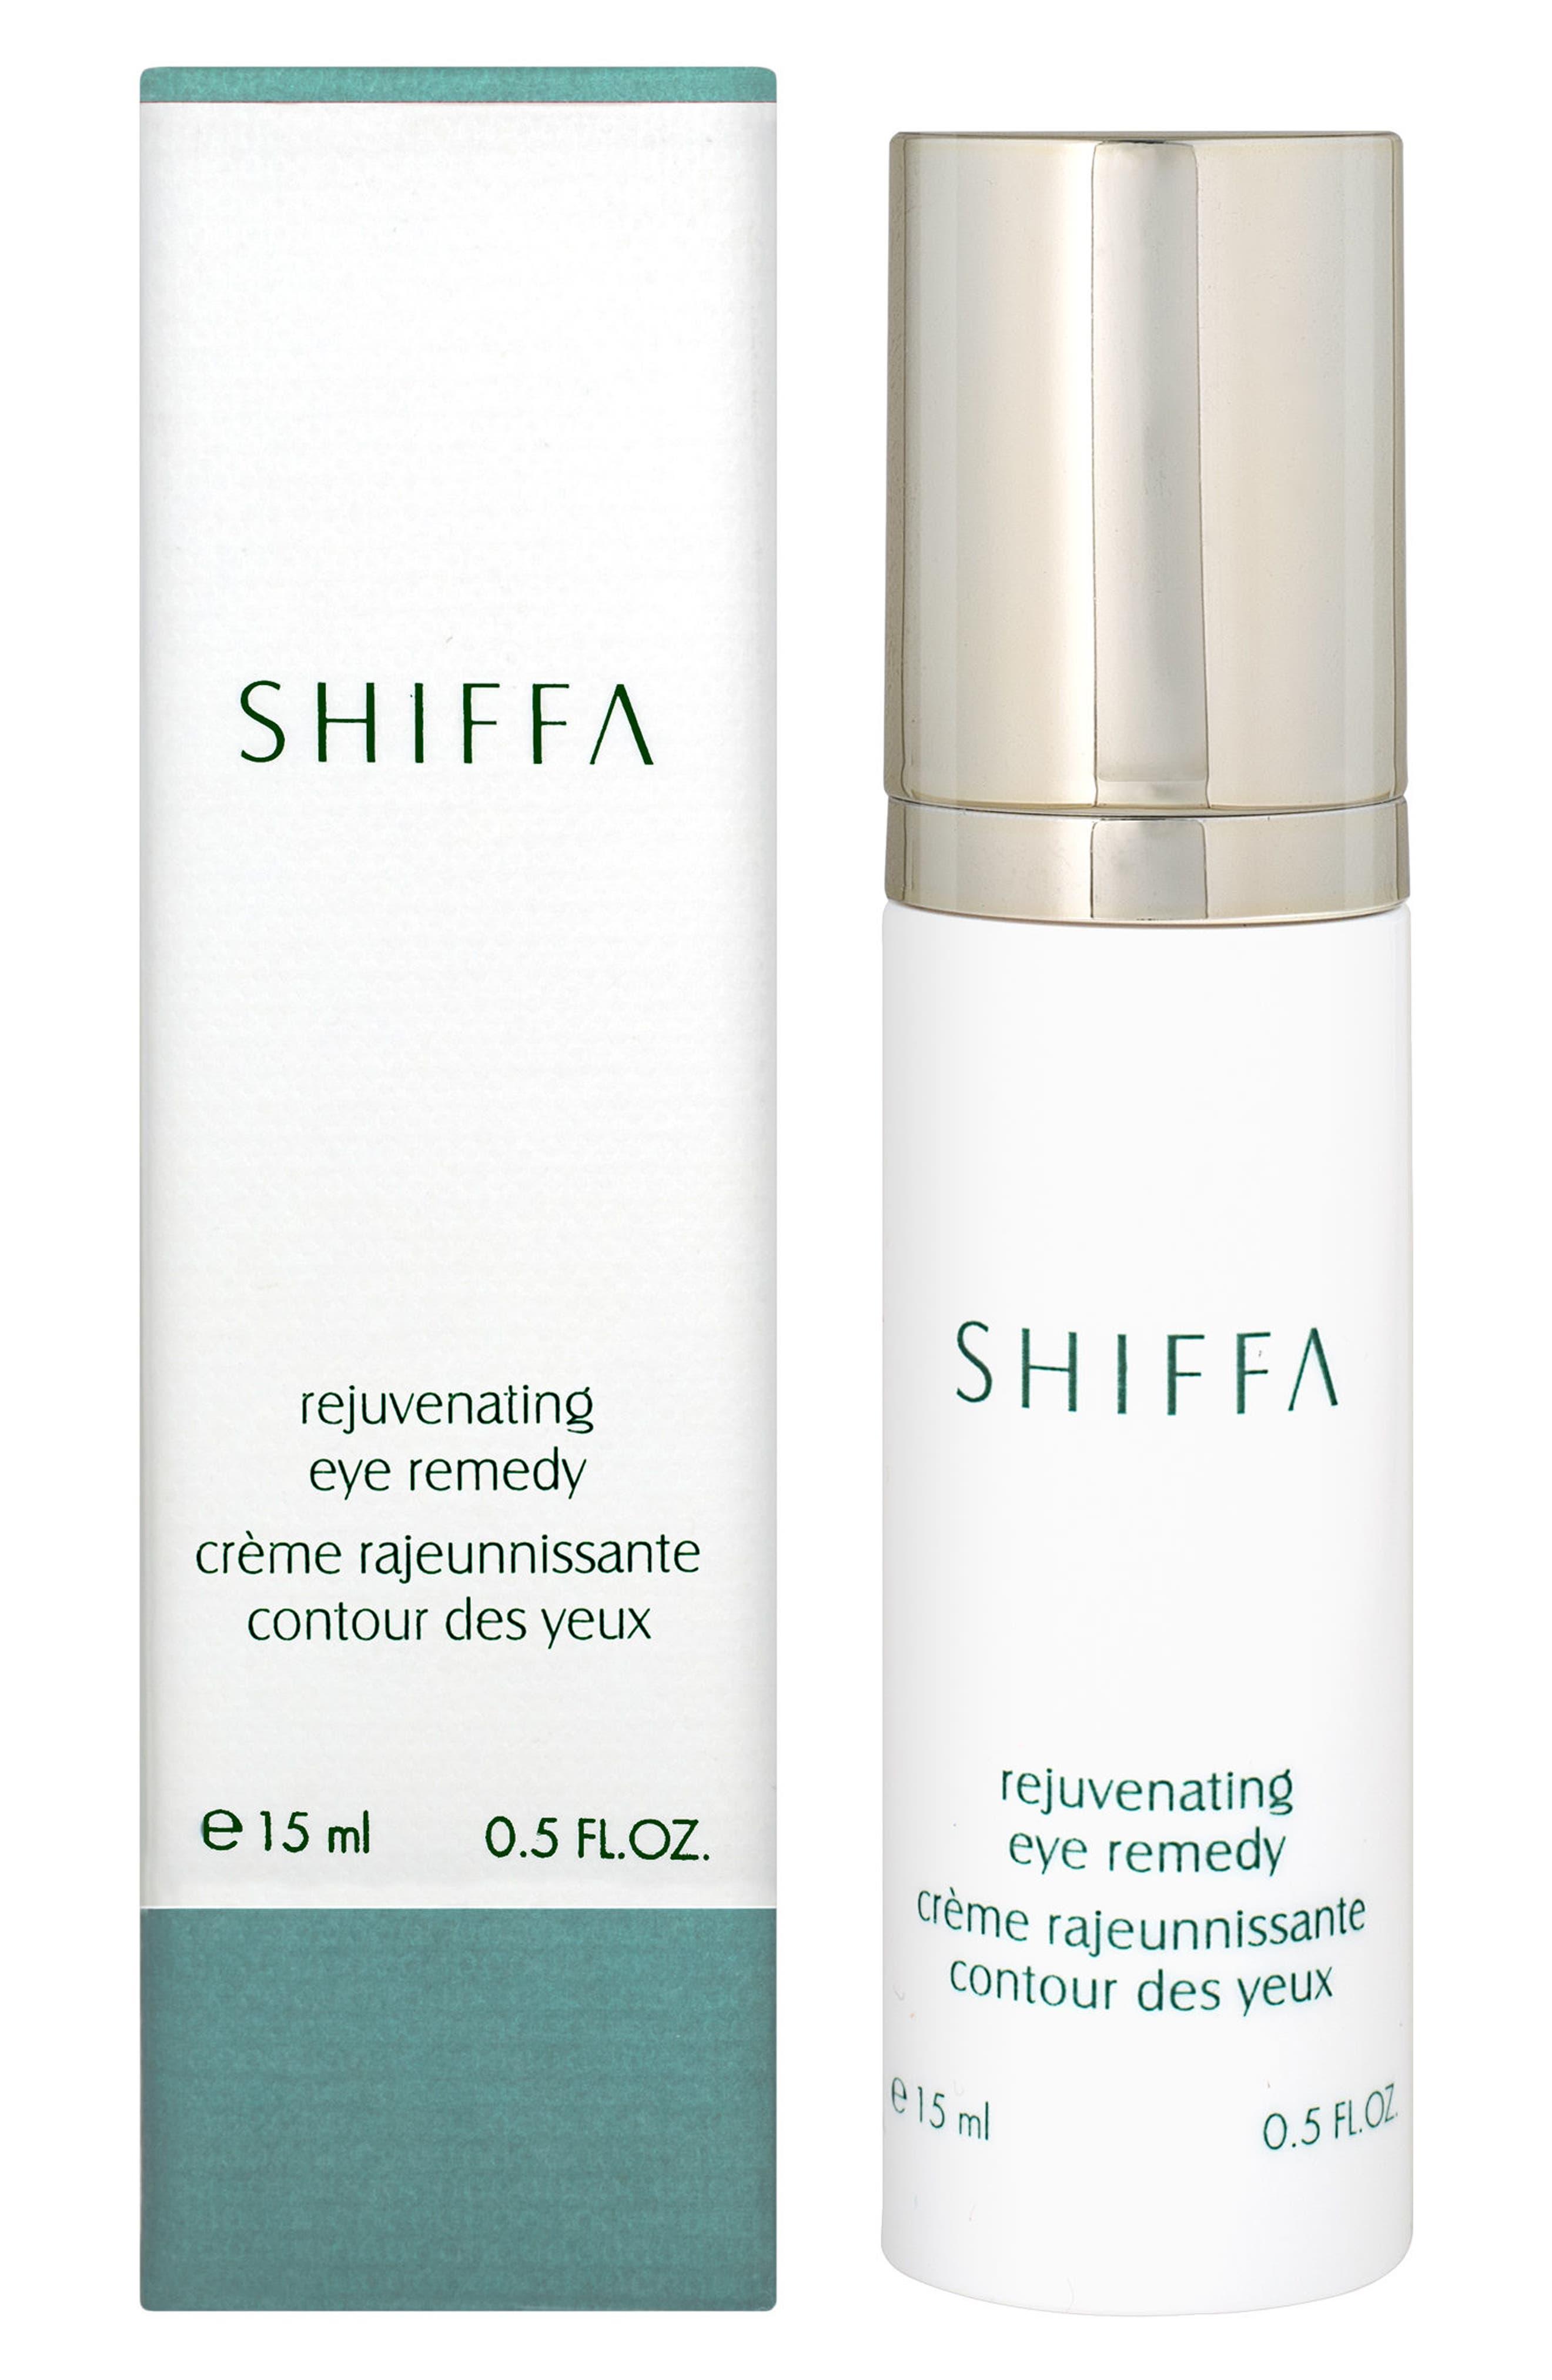 Shiffa Rejuvenating Eye Remedy